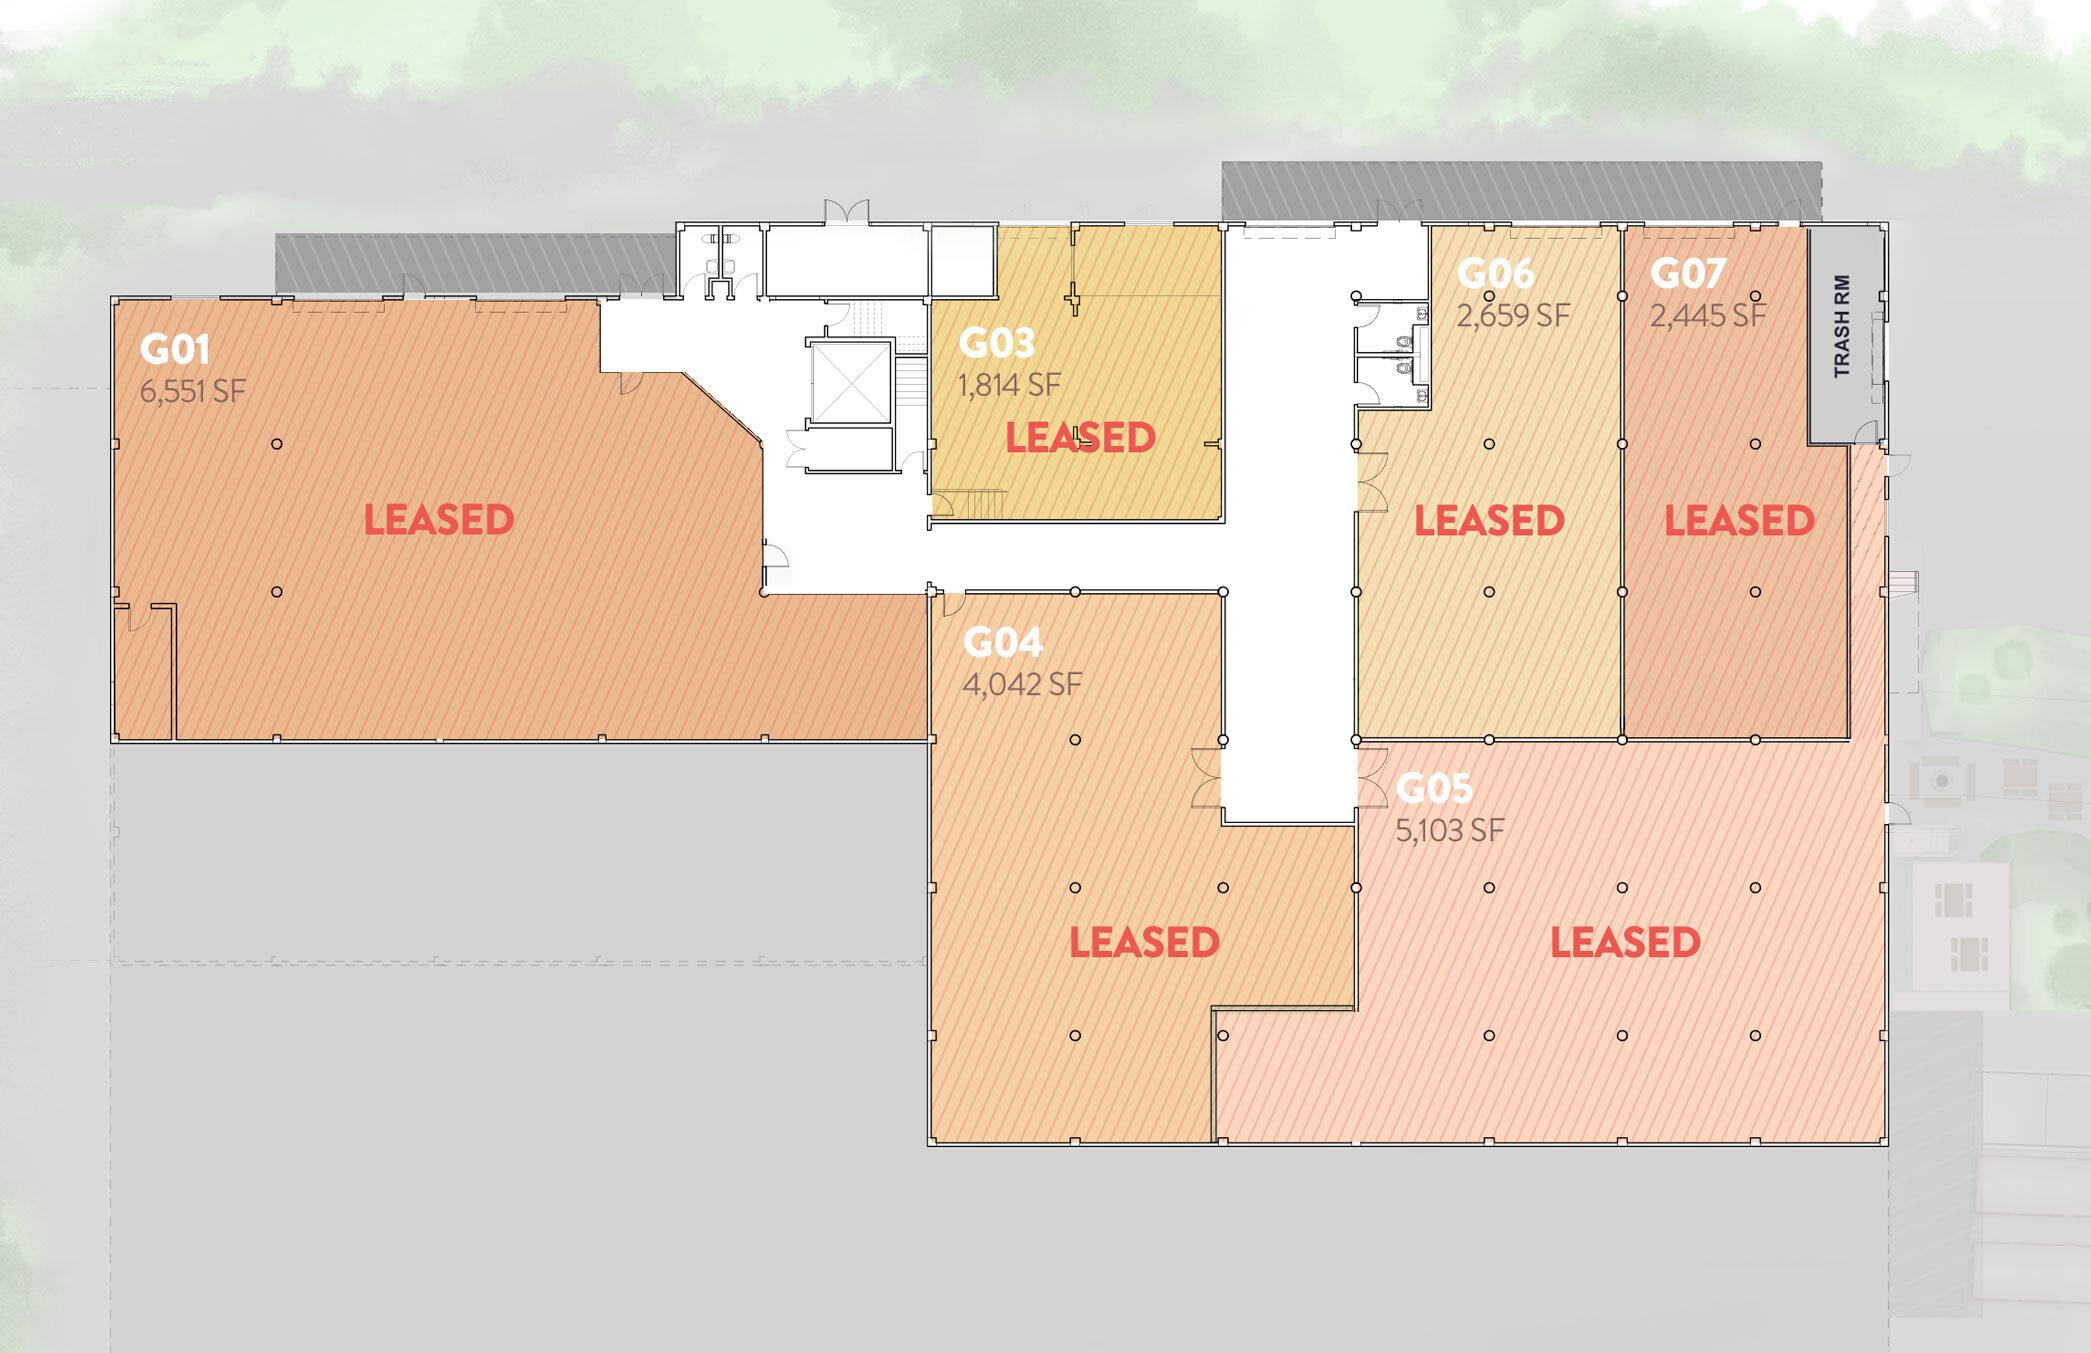 ga-floorplan-ground-update1019.jpg